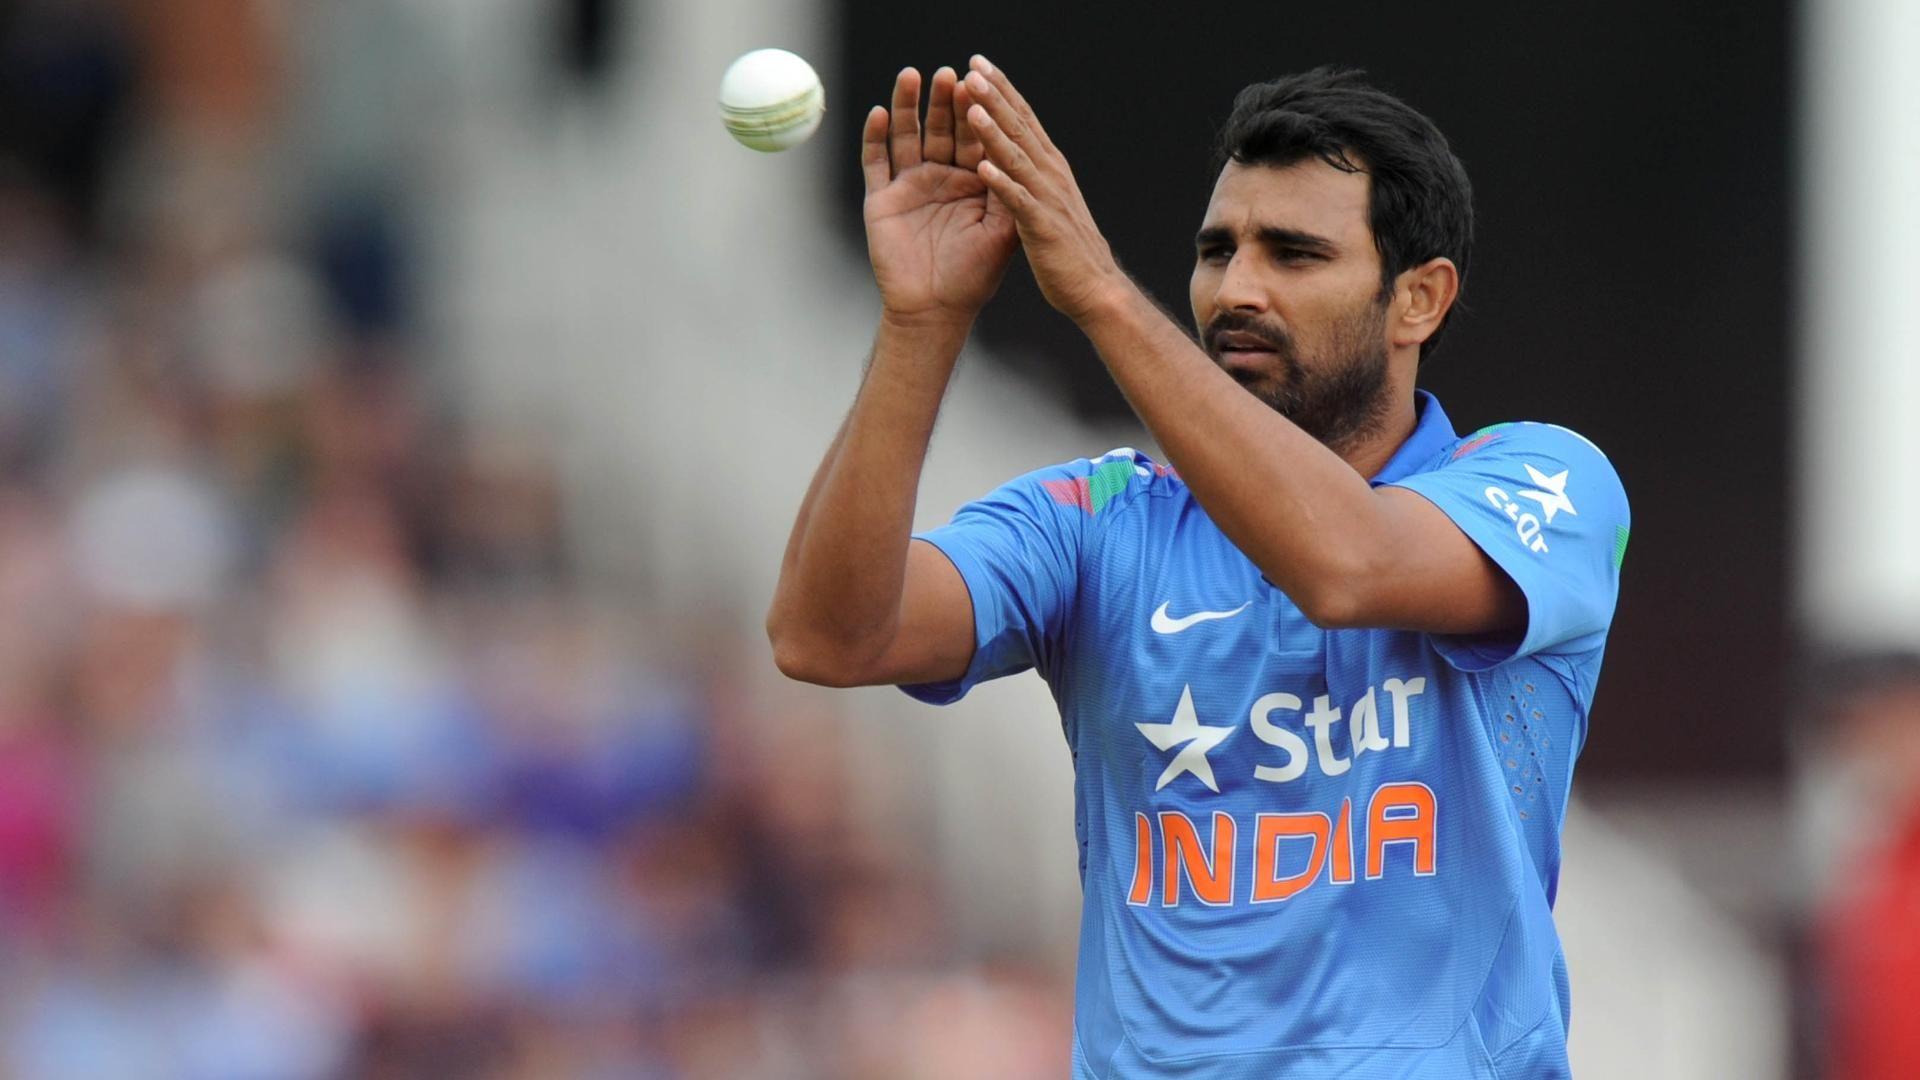 ऑस्ट्रेलिया के खिलाफ वनडे सीरीज के लिए इन पांच खिलाड़ियों की हो सकती हैं लम्बे समय बाद भारतीय टीम में वापसी 3